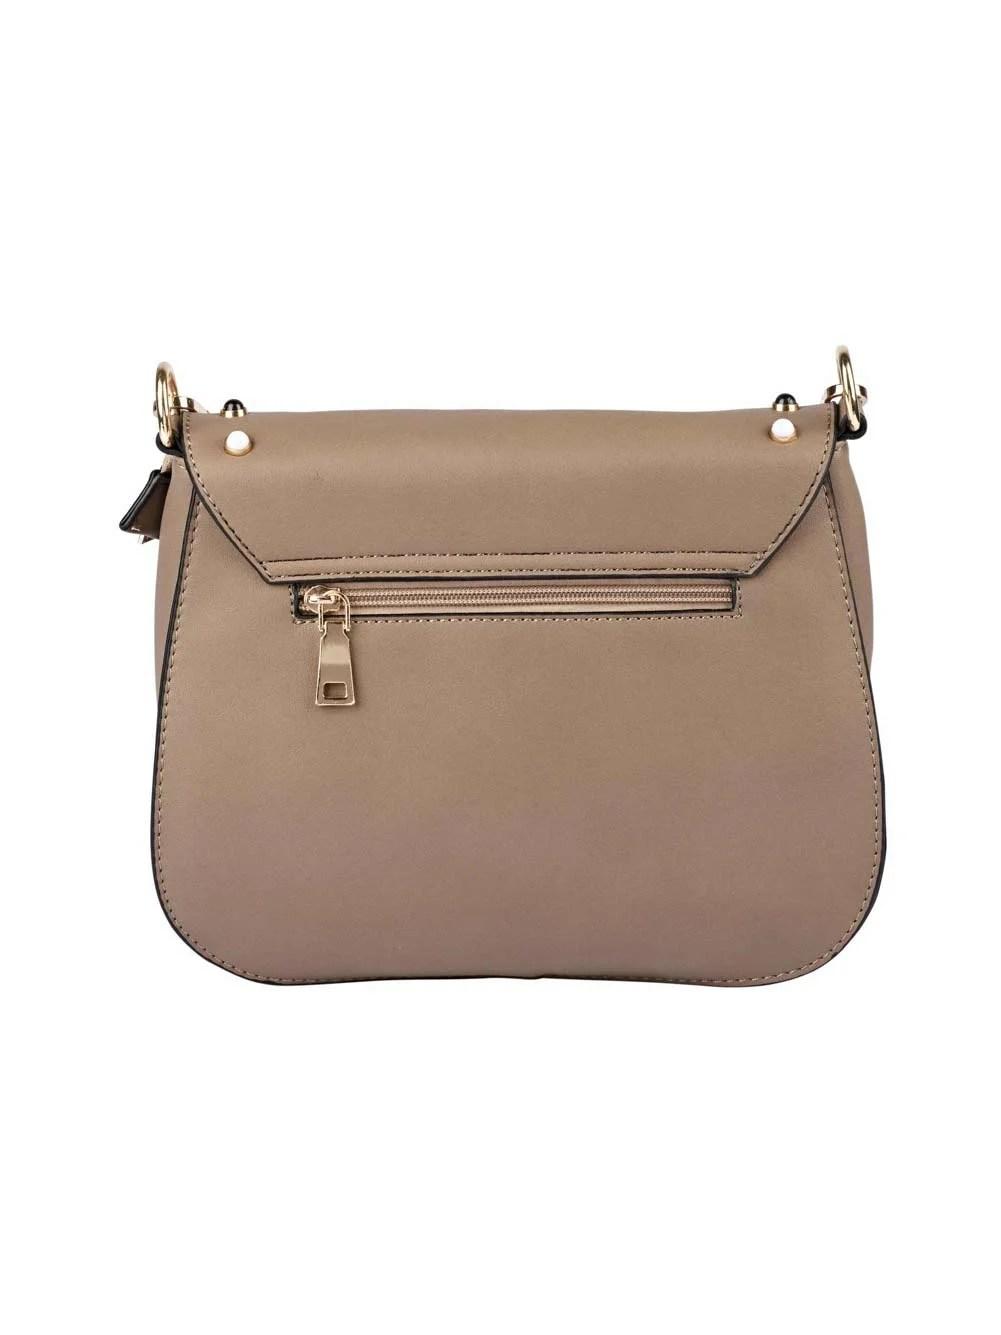 719.365 HEINE Damen Designer-Handtasche Camel